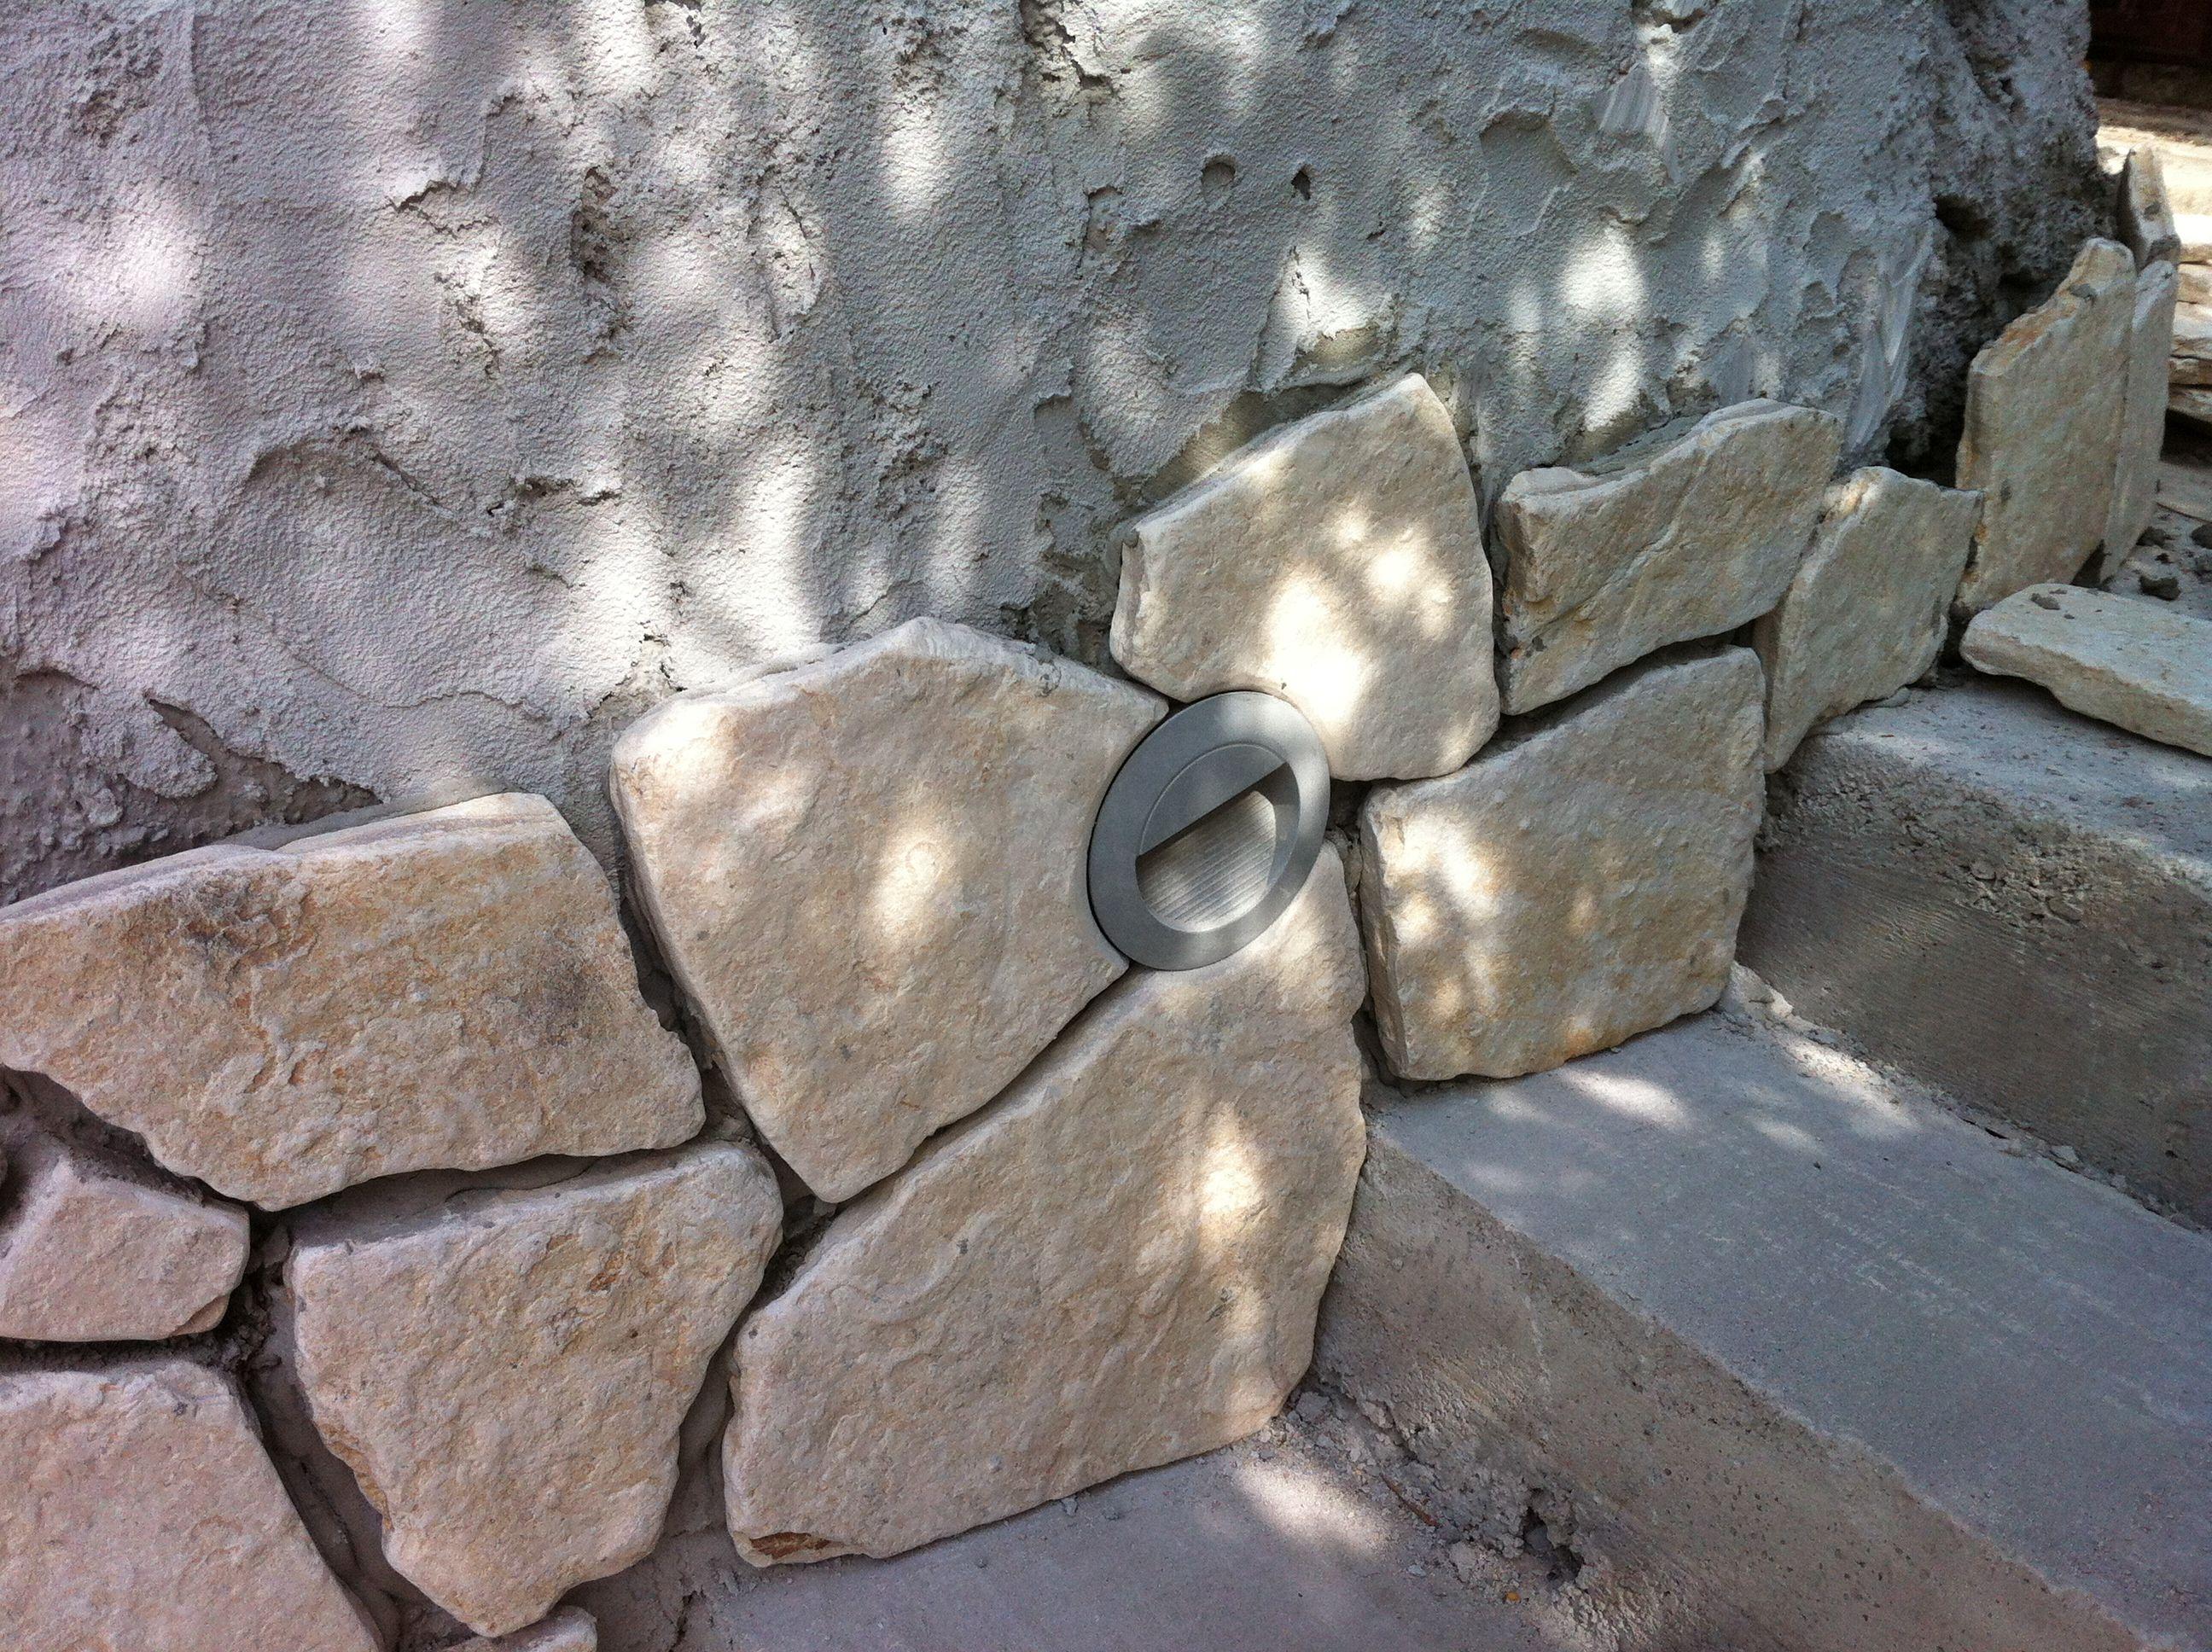 Pavillon Selber Bauen · Steinplatten · Treppe · Beleuchtung · Steinplatten  Verlegen, Bei Treppe, Led Beleuchtung Montiet